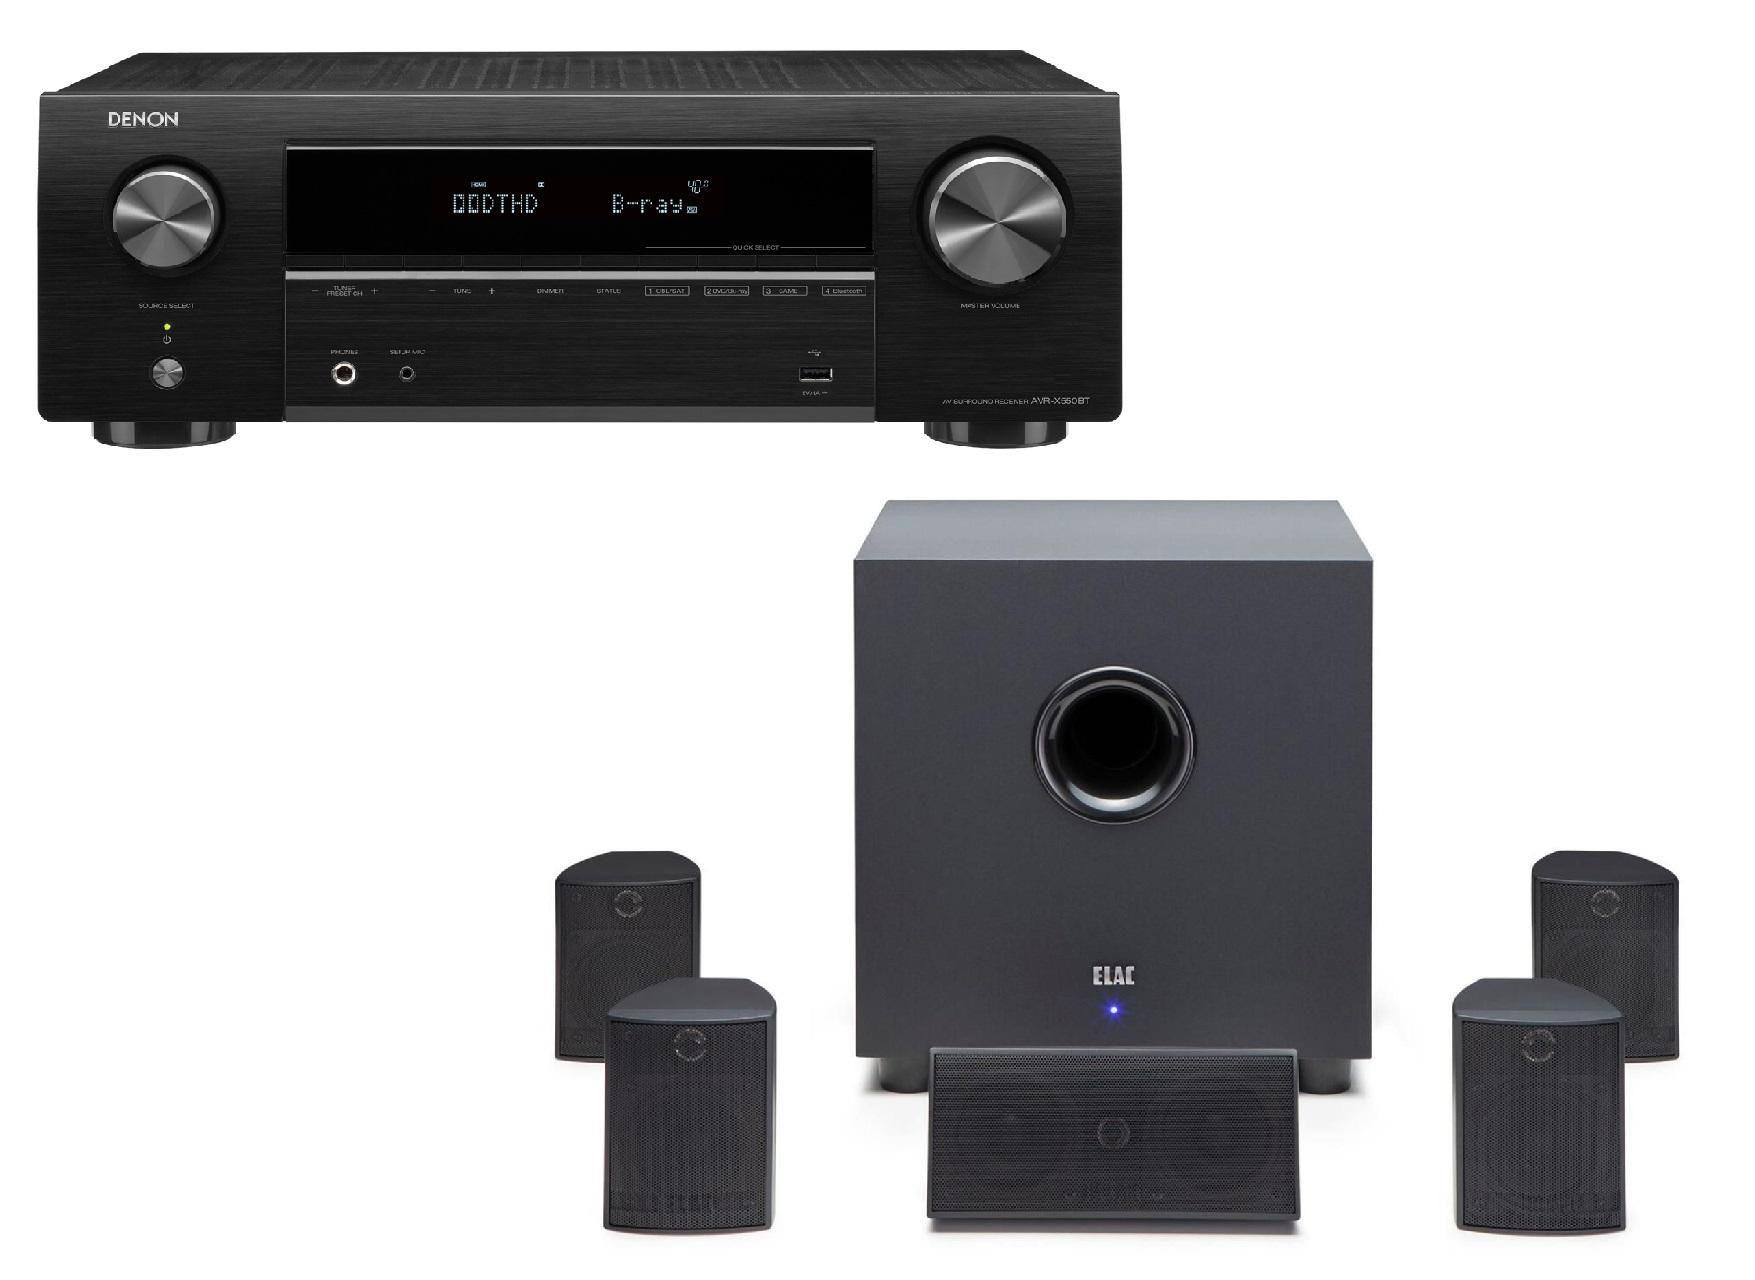 Denon AVRX550BT & Elac Cinema 5 5.1 Speaker System £449 @ Richersounds